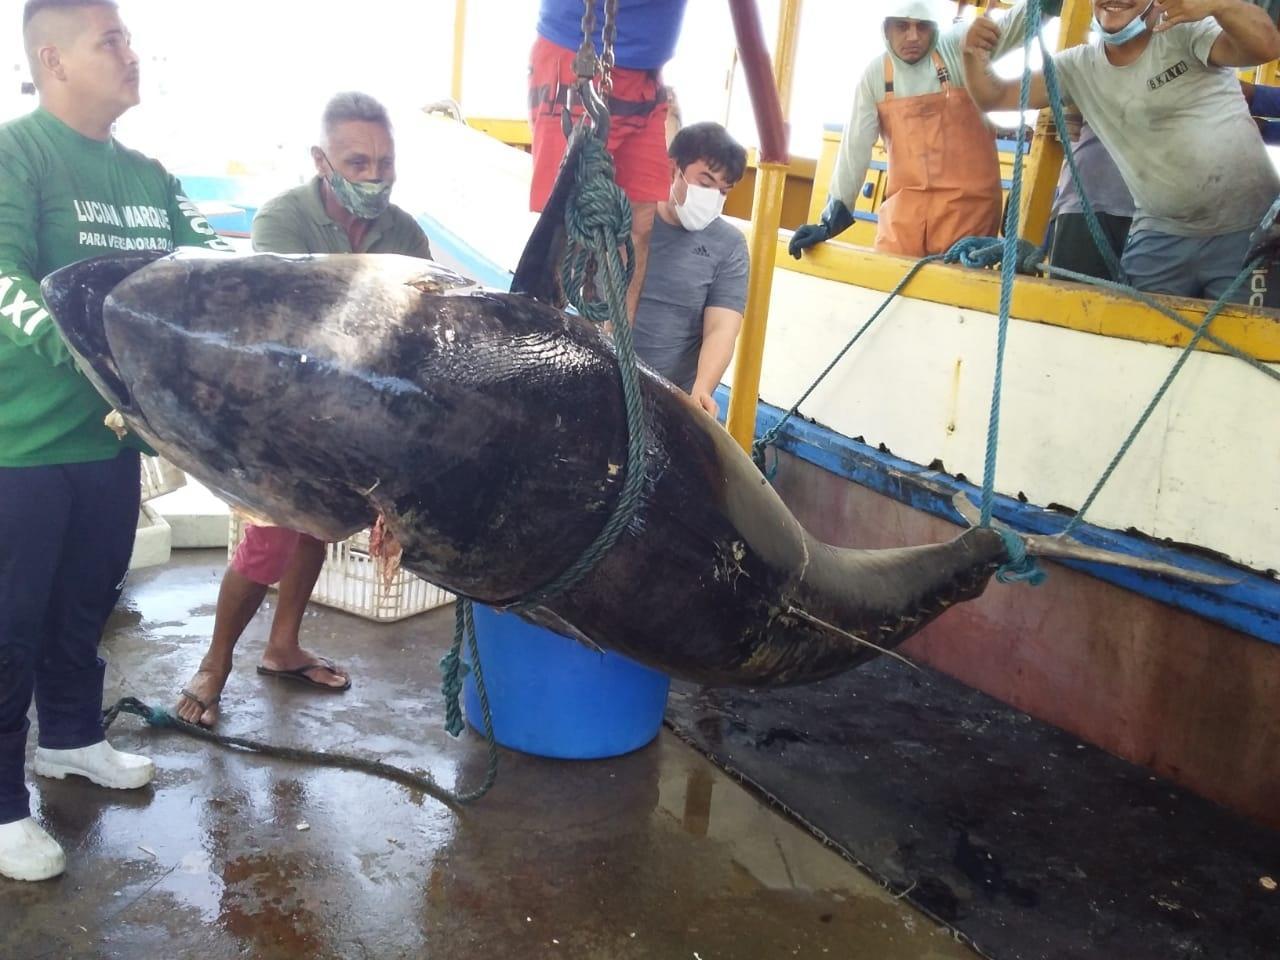 Atum avaliado em 140 mil foi pescado no RN